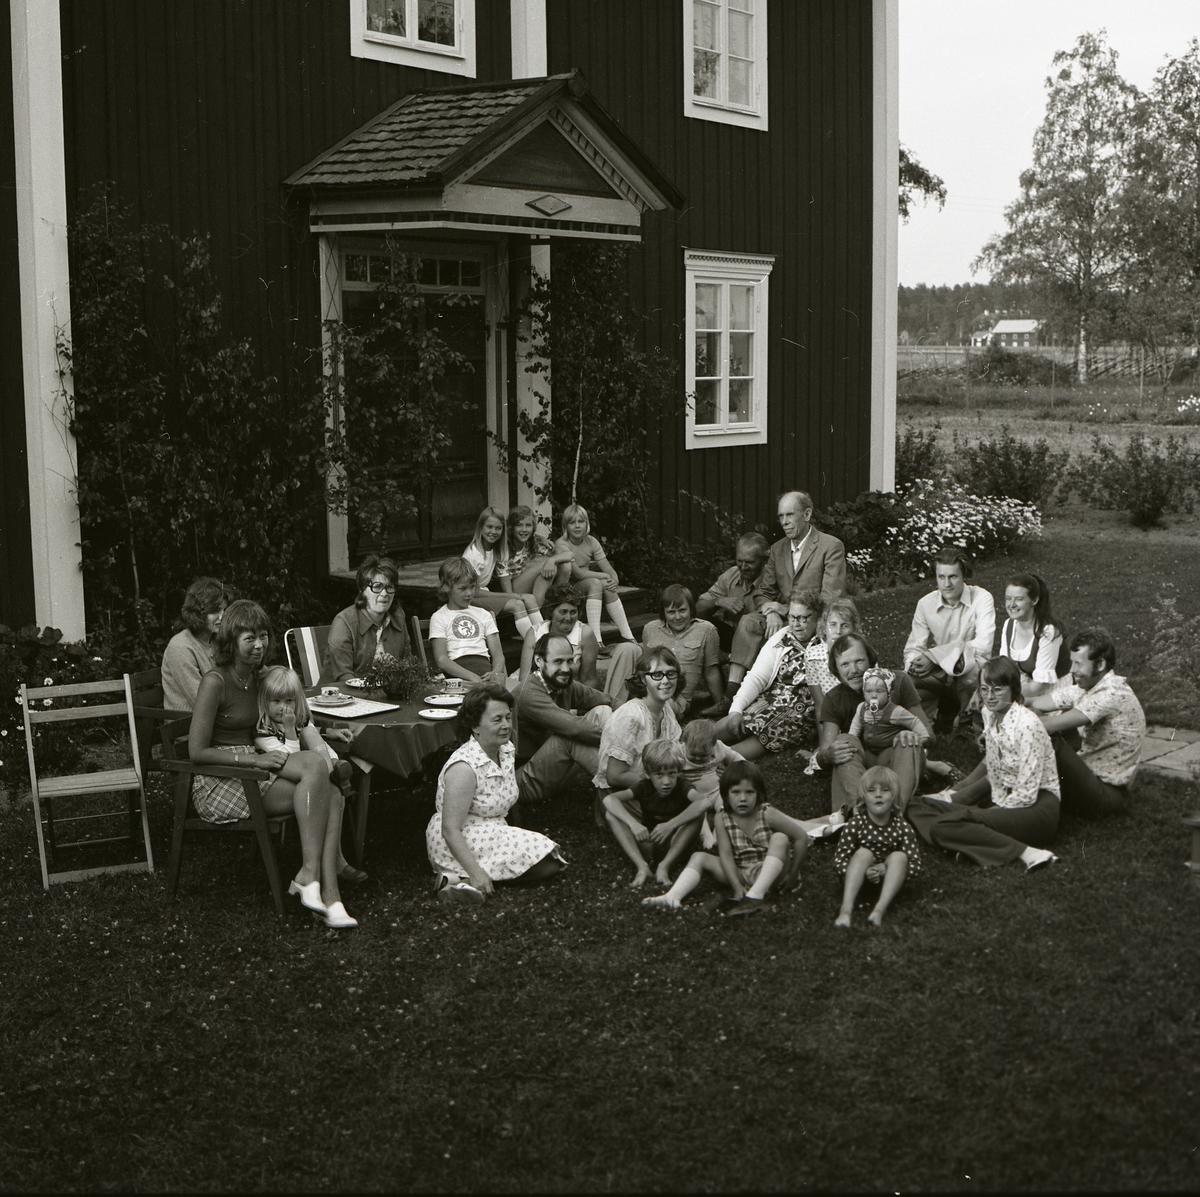 Framför den lövklädda brokvisten har sällskapet samlats för fotografering midsommardagen 1974. Några har slagit sig ned på gräsmattan medan andra sitter på trädgårdsmöblerna och hustrappan. Hela skaran är festklädda i klänningar och fina skjortor dagen till ära.